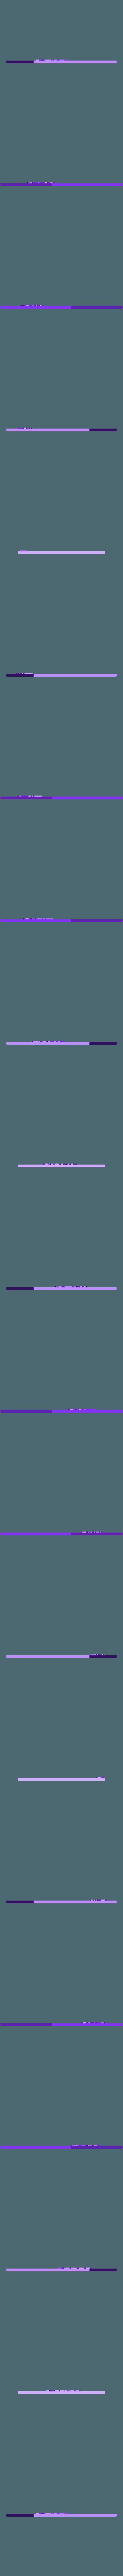 mario.stl Télécharger fichier STL Cadre Mario 3D • Objet imprimable en 3D, n256